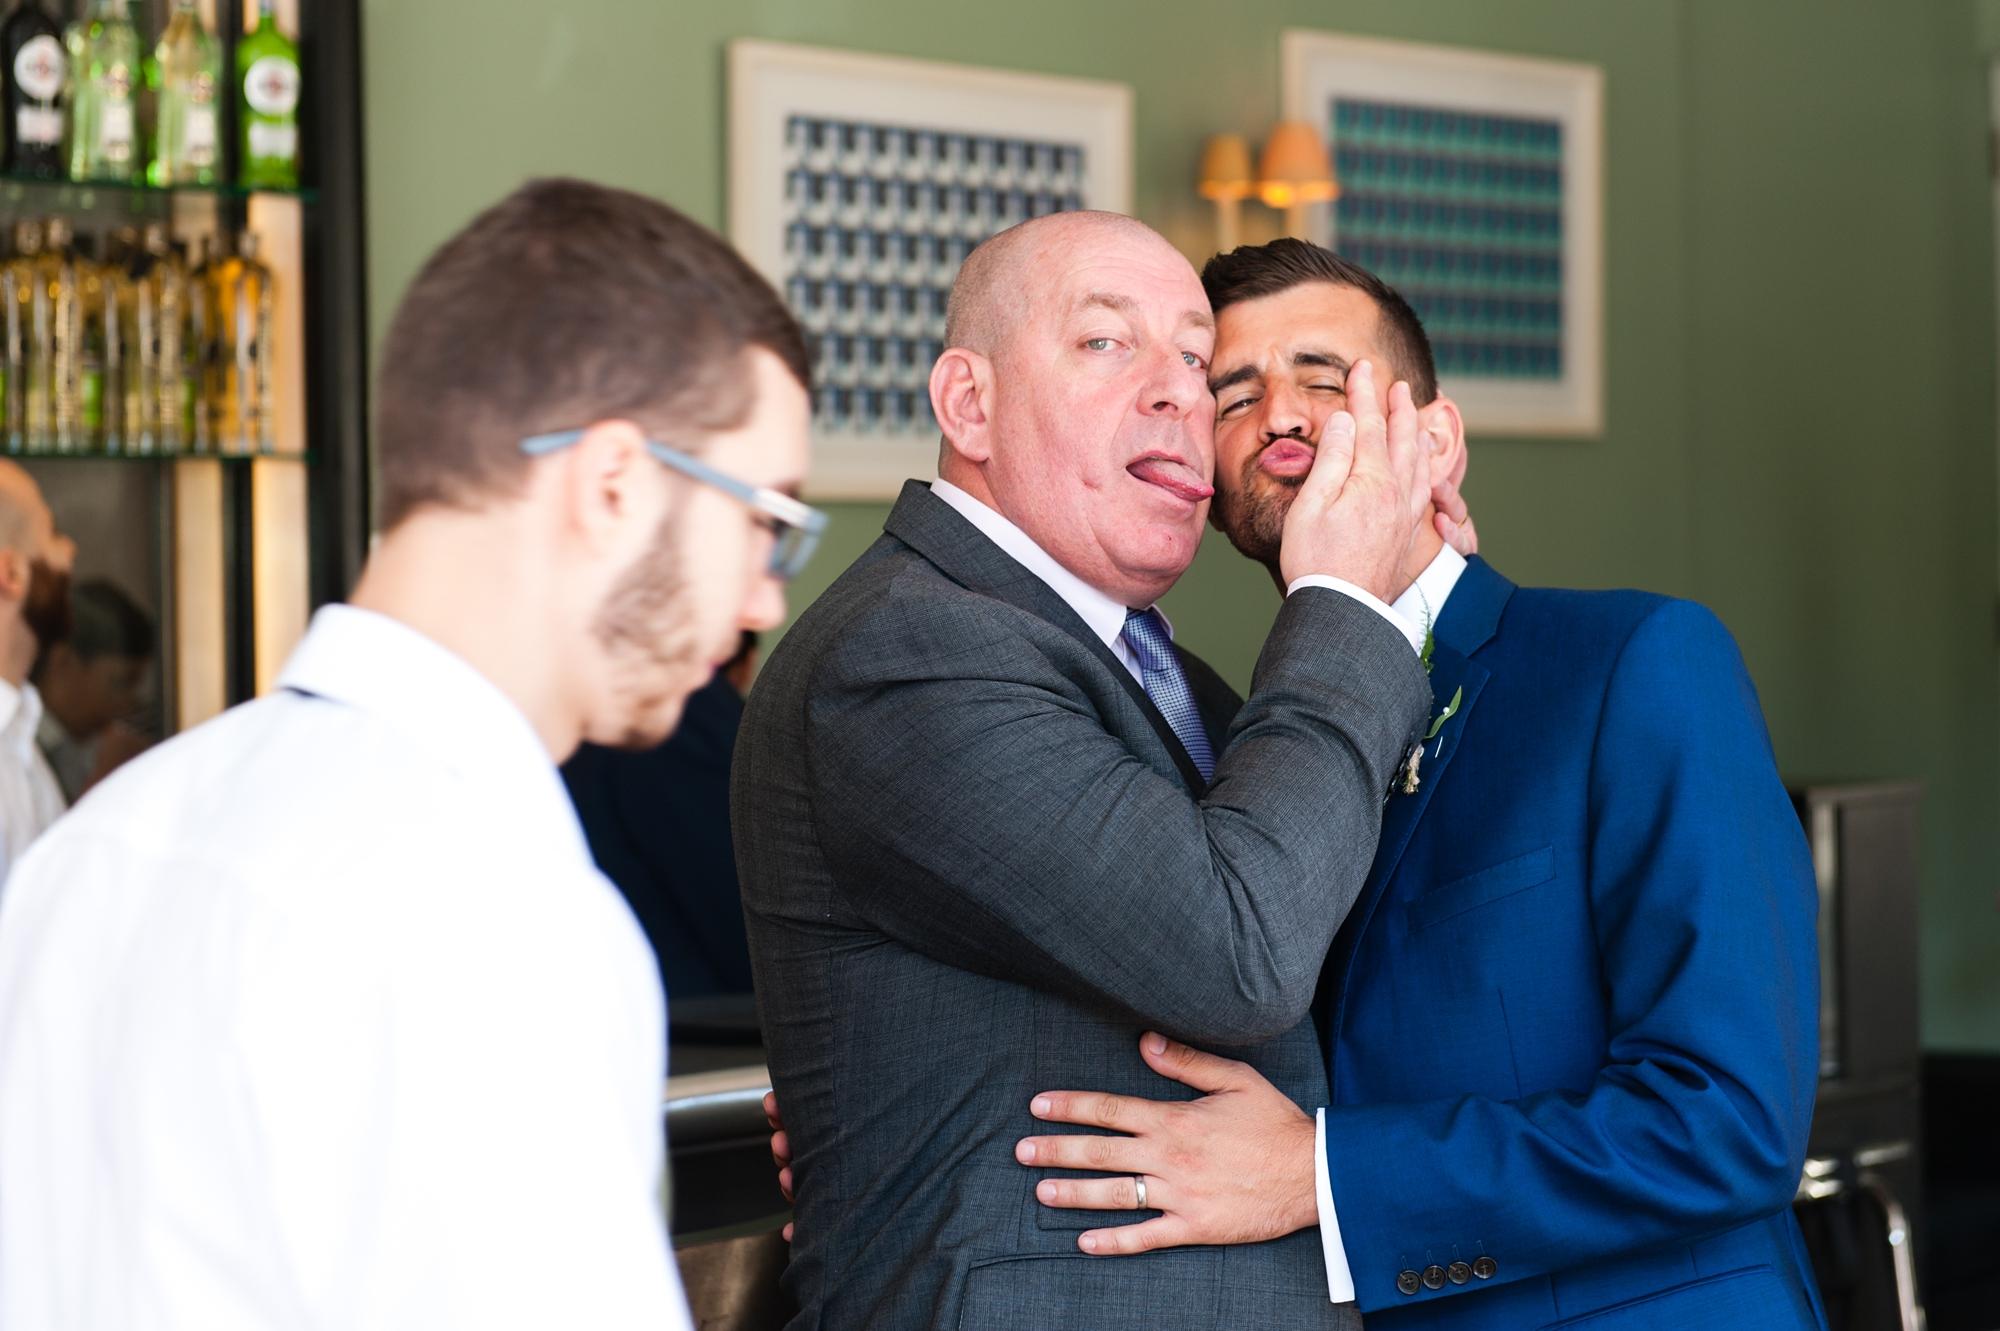 York & Albany Wedding Photography Funny groomsman